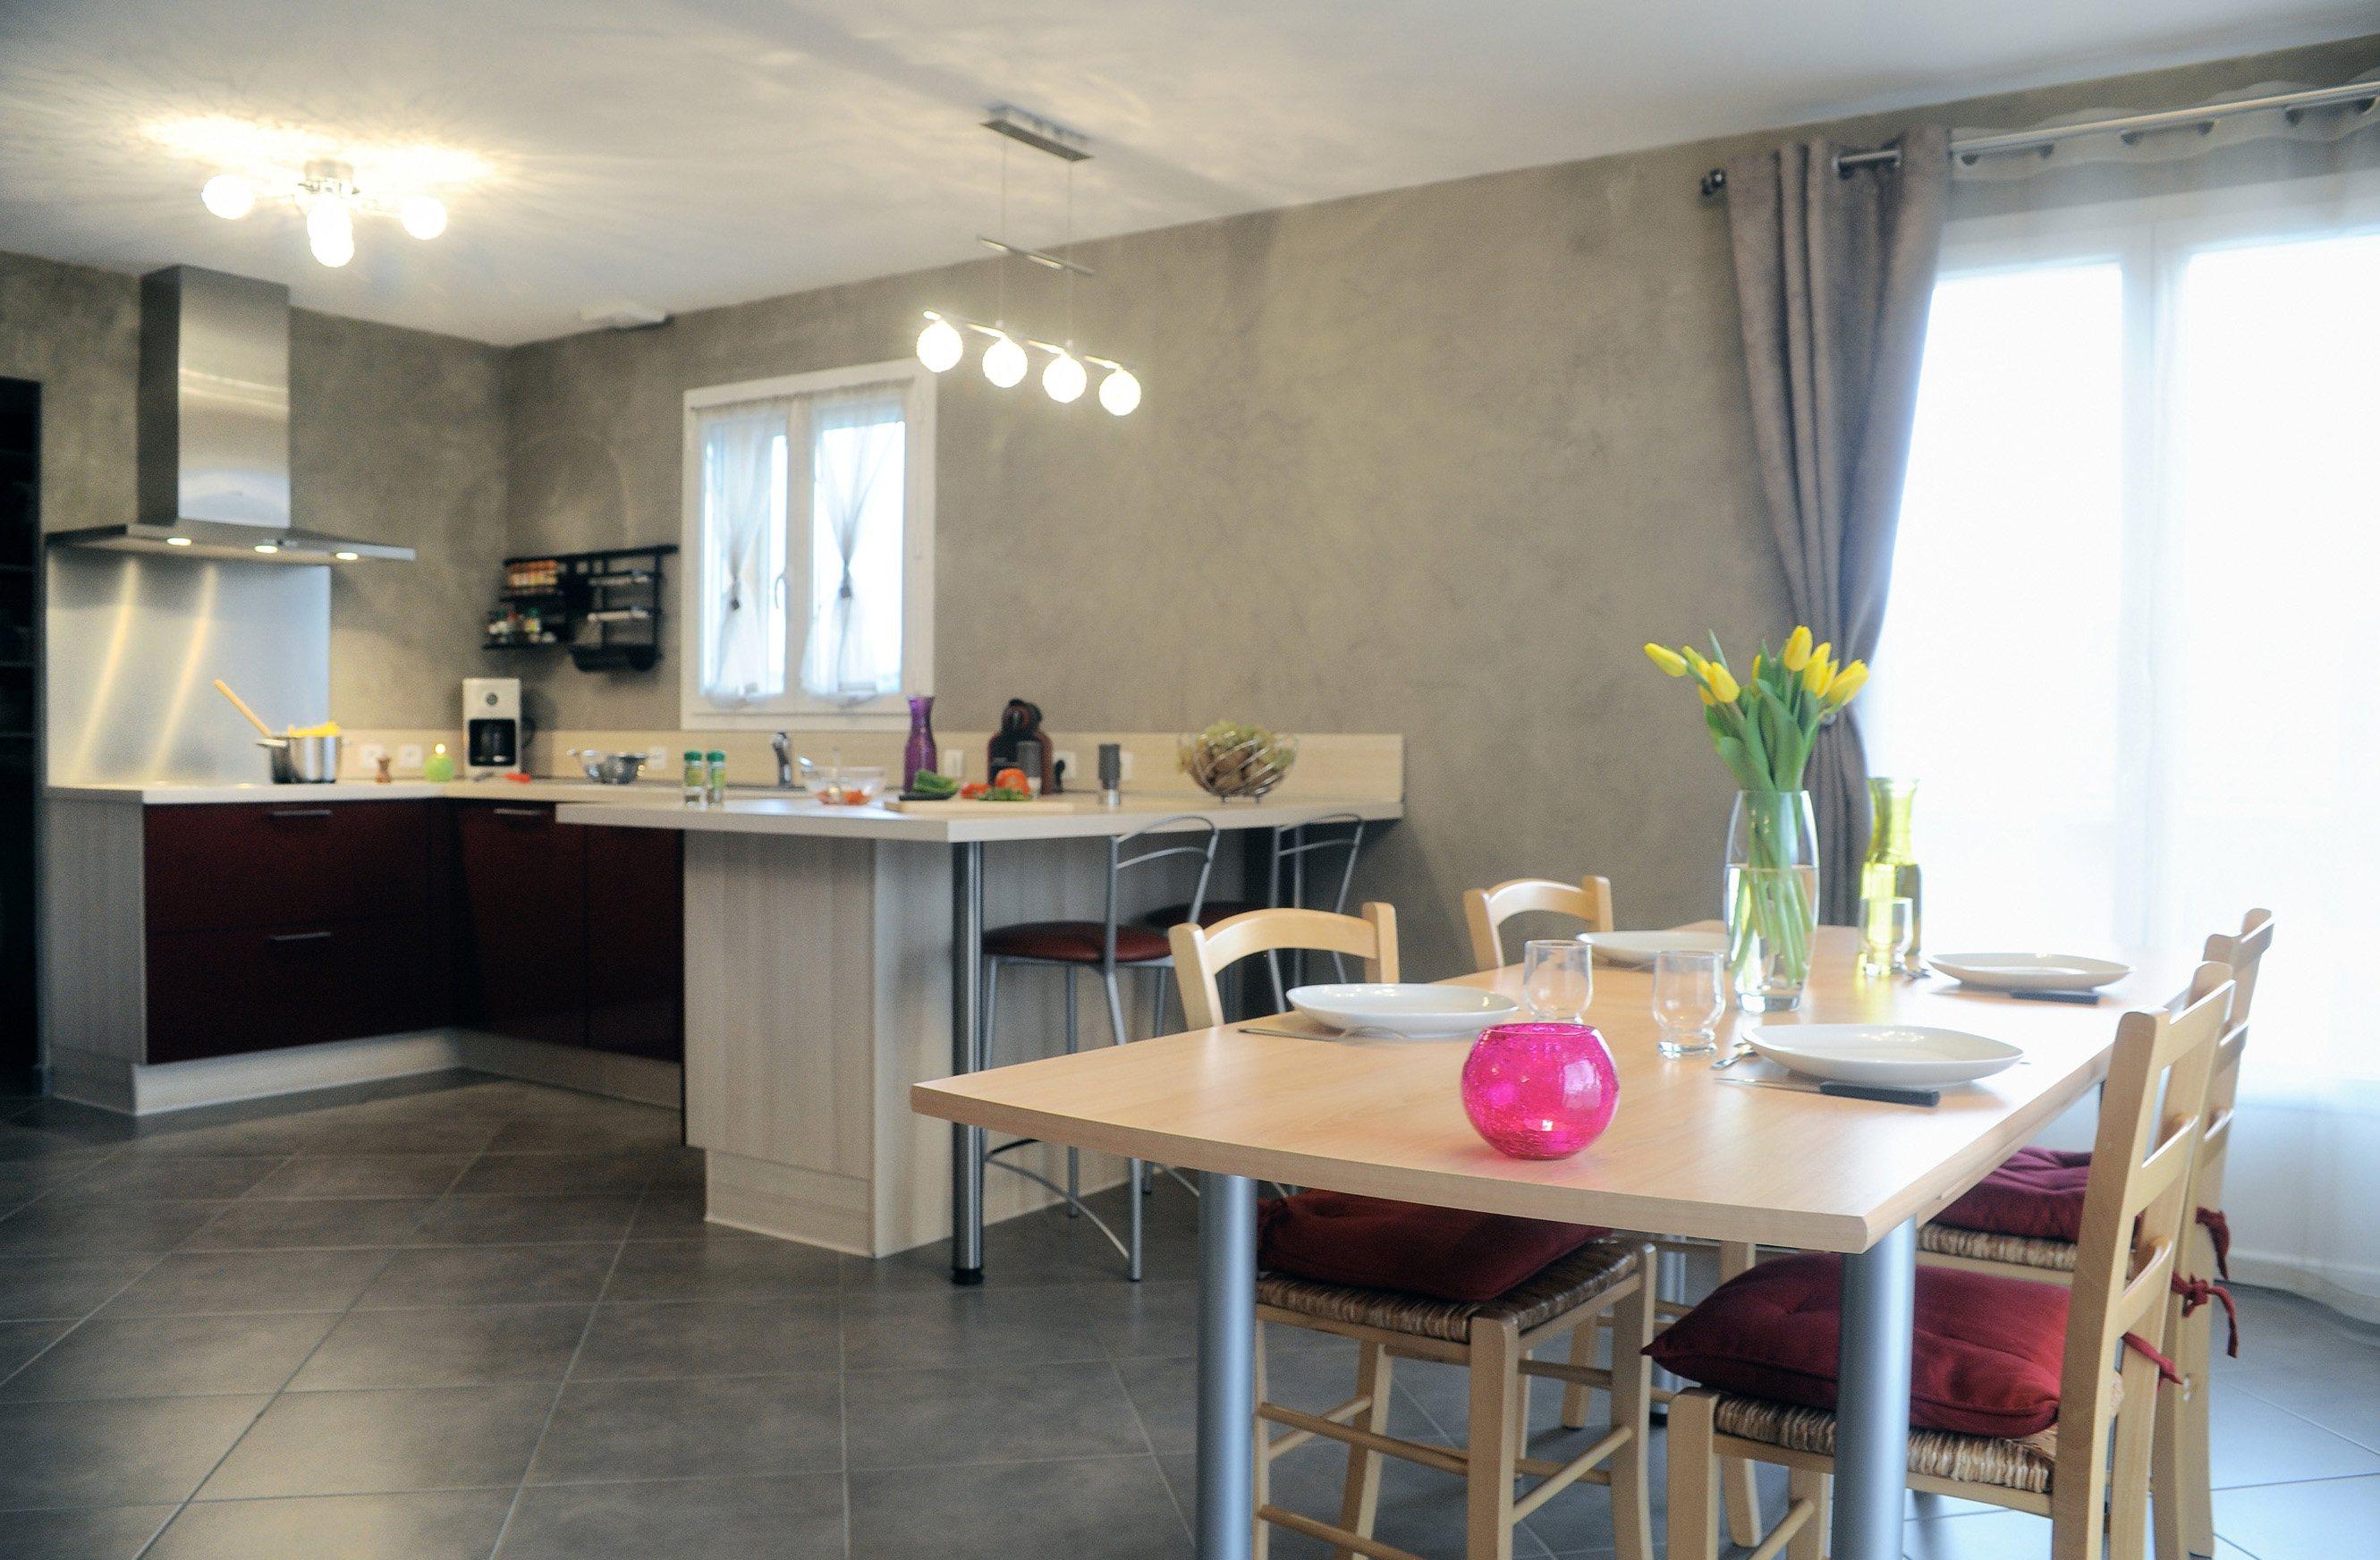 Maisons + Terrains du constructeur MAISON FAMILIALE • 103 m² • EVIN MALMAISON